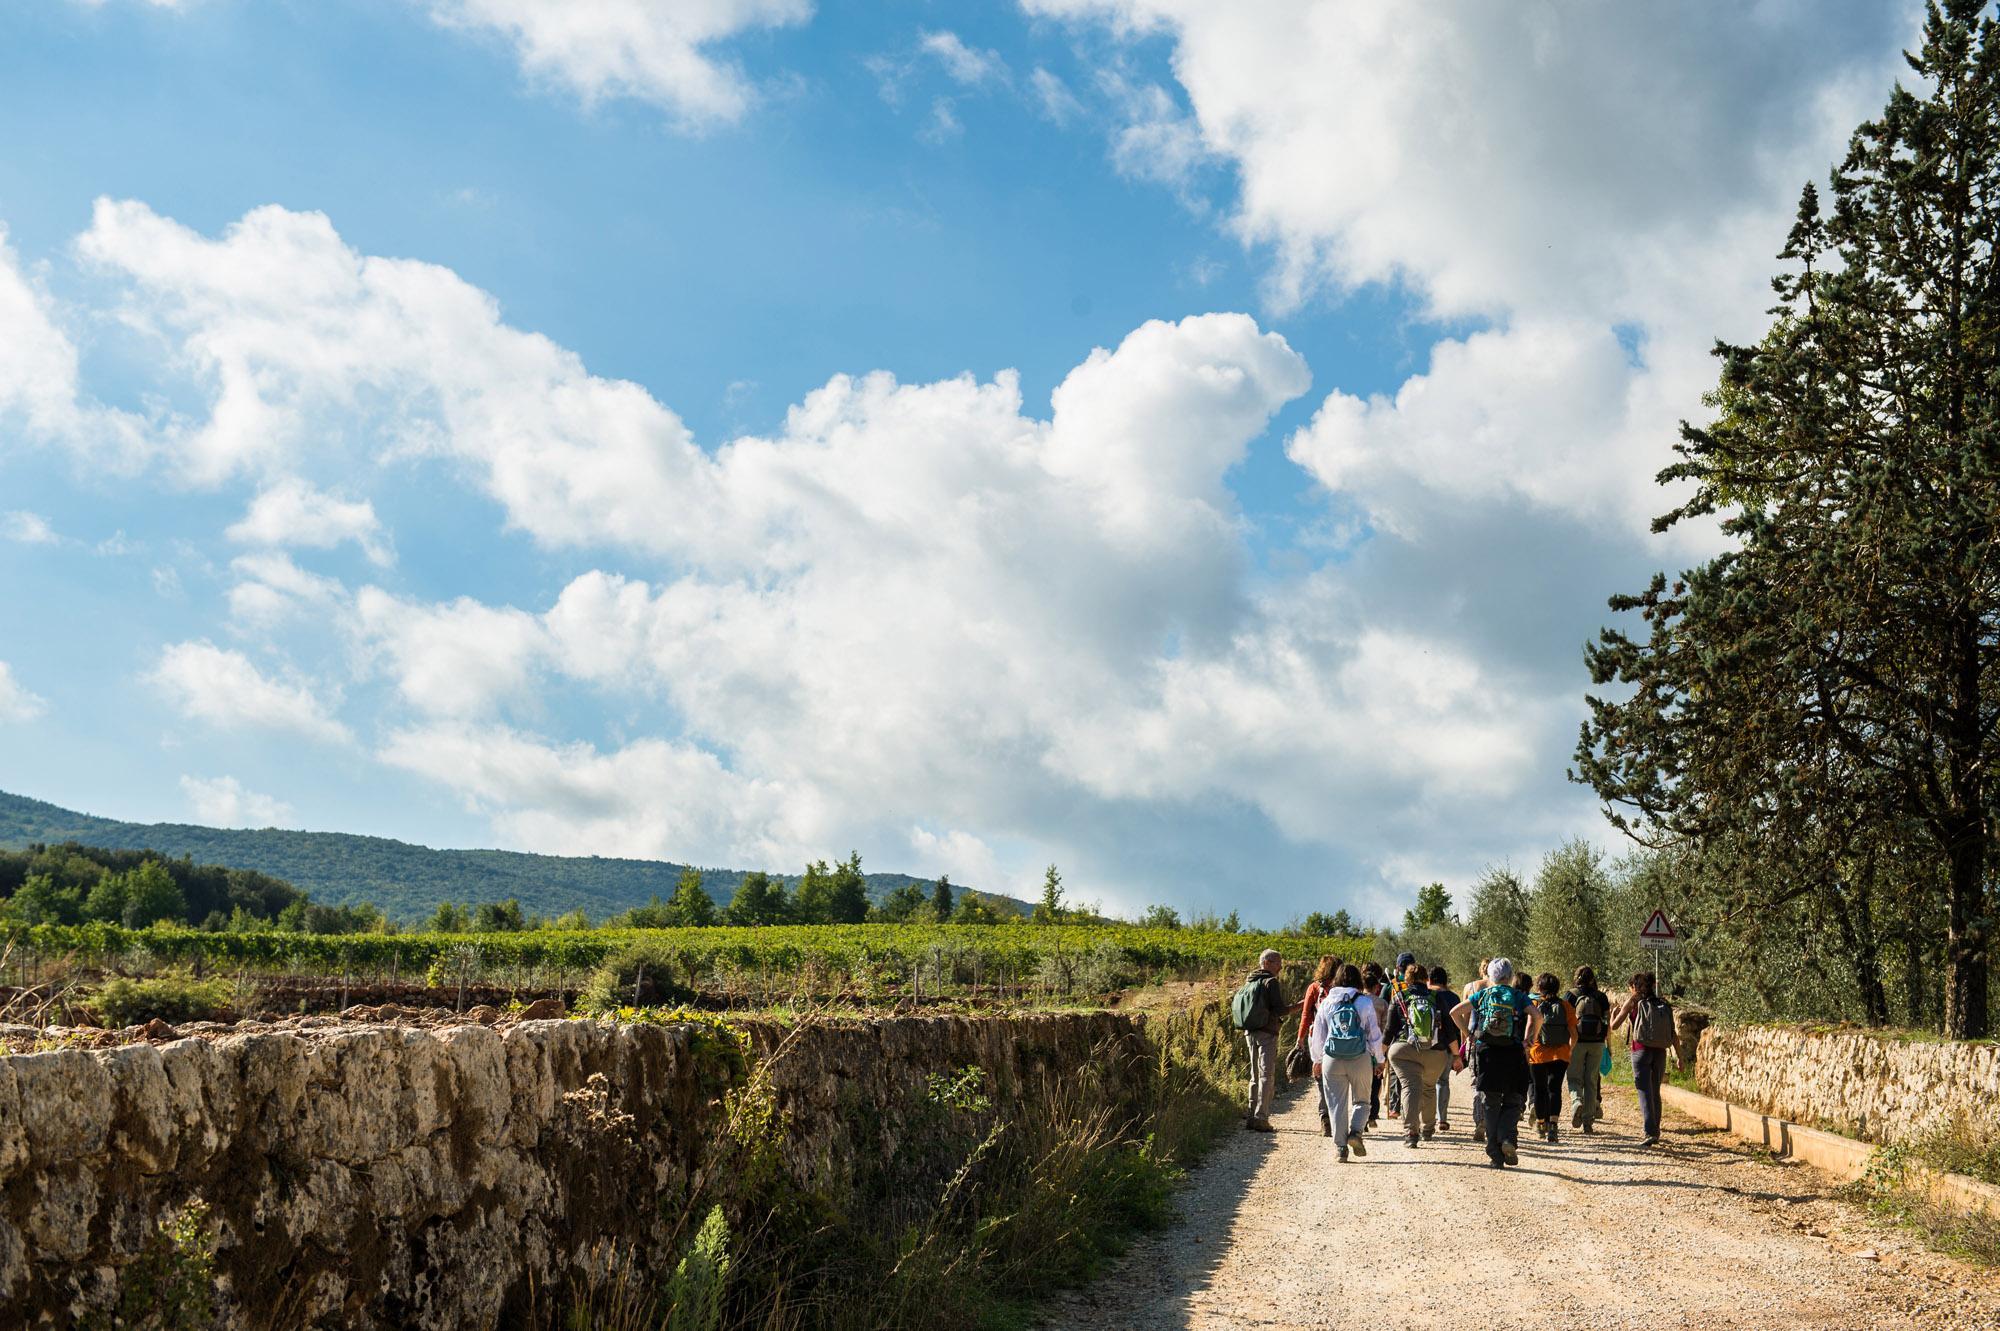 La Via Francigena - célèbre route de pèlerinage à Rome - de San Gimignano à Monteriggioni. - © Yari Ghidone / Slow travel Fest